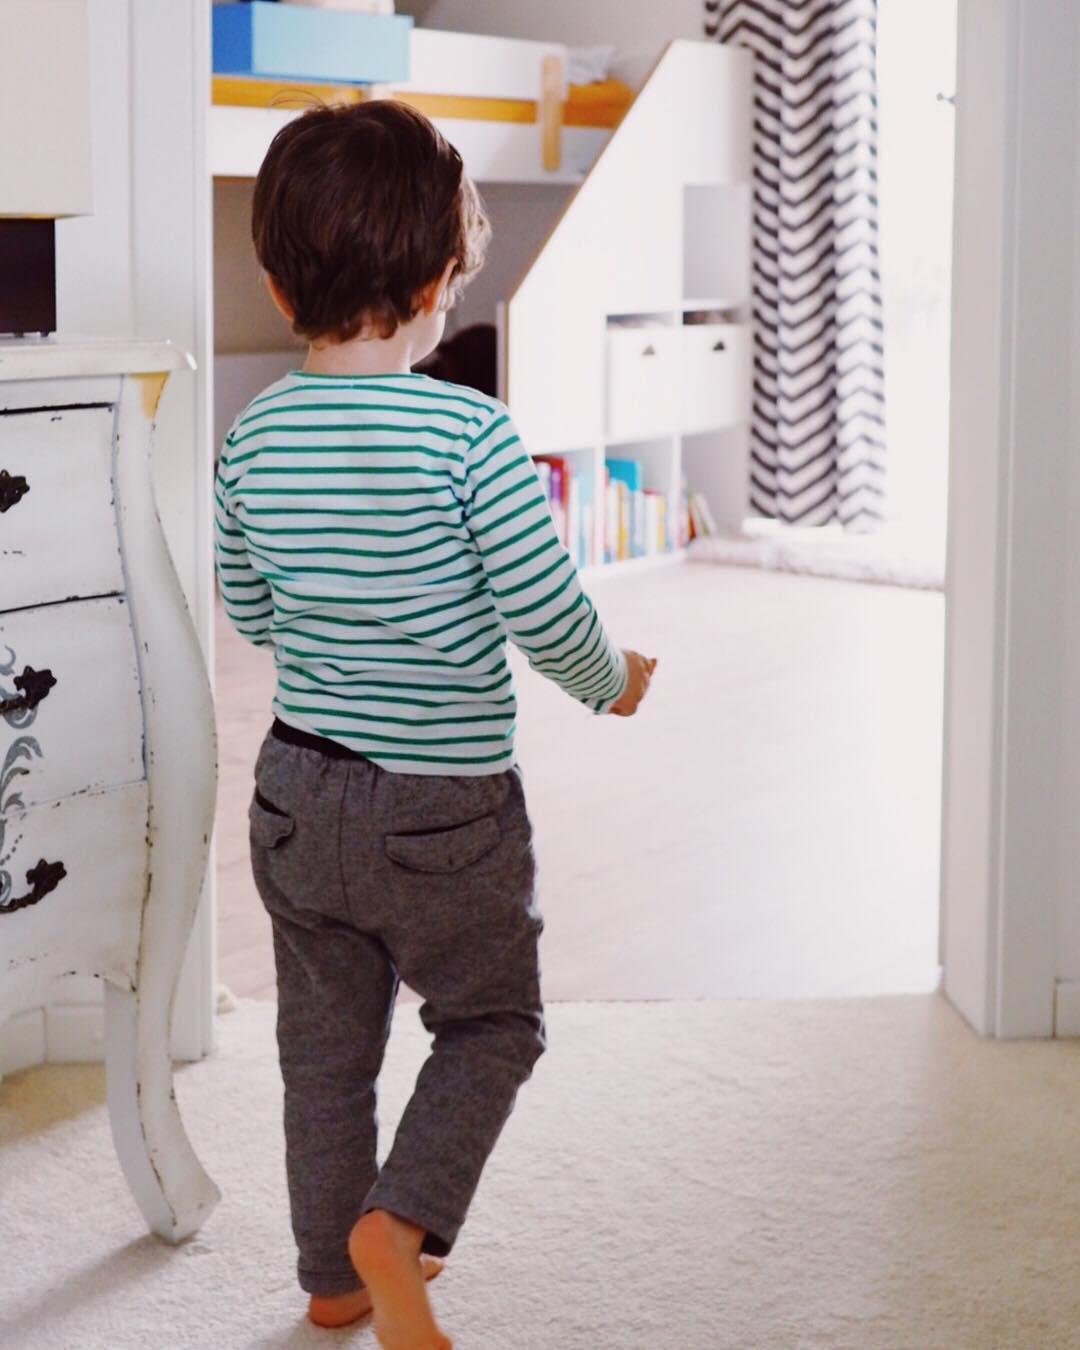 Neuer Fußboden im Kinderzimmer Bioboden